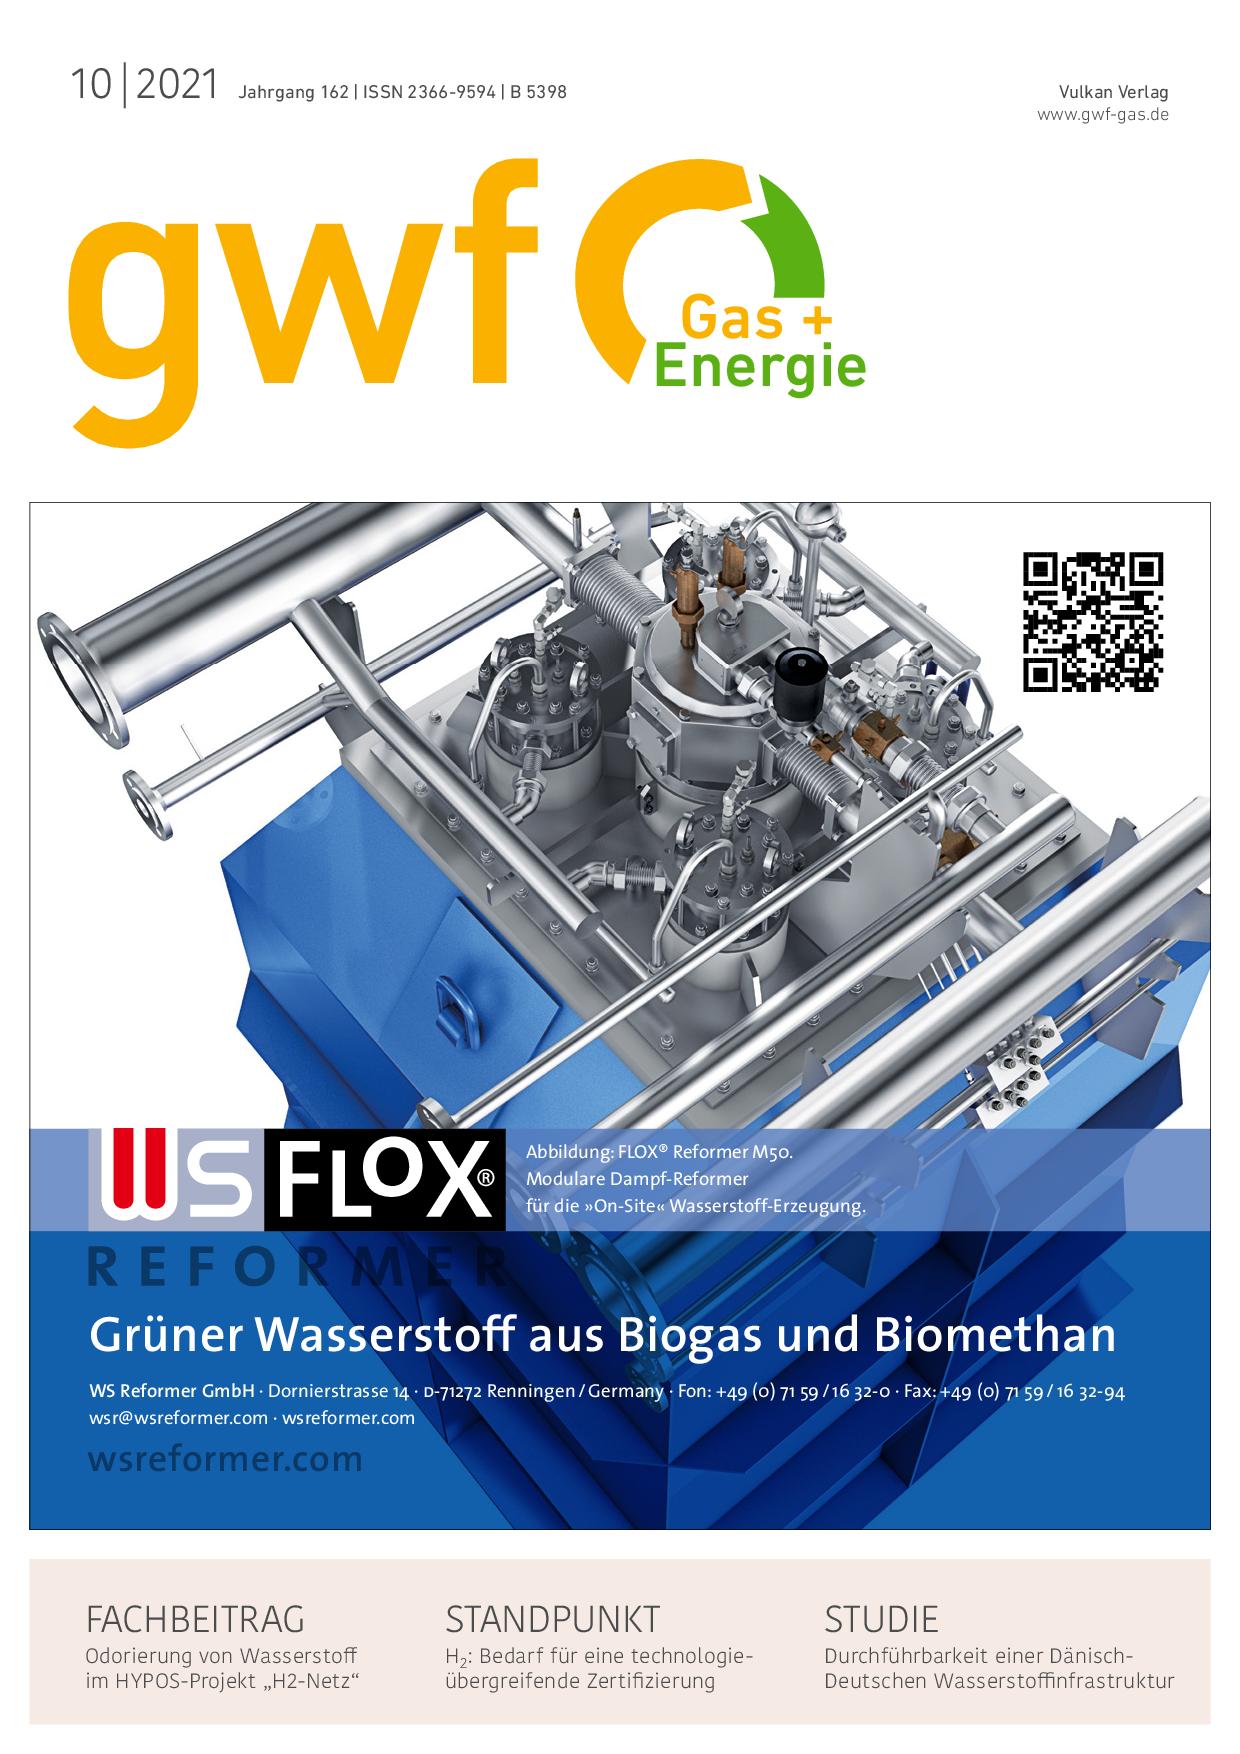 gwf Gas+Energie – 10 2021